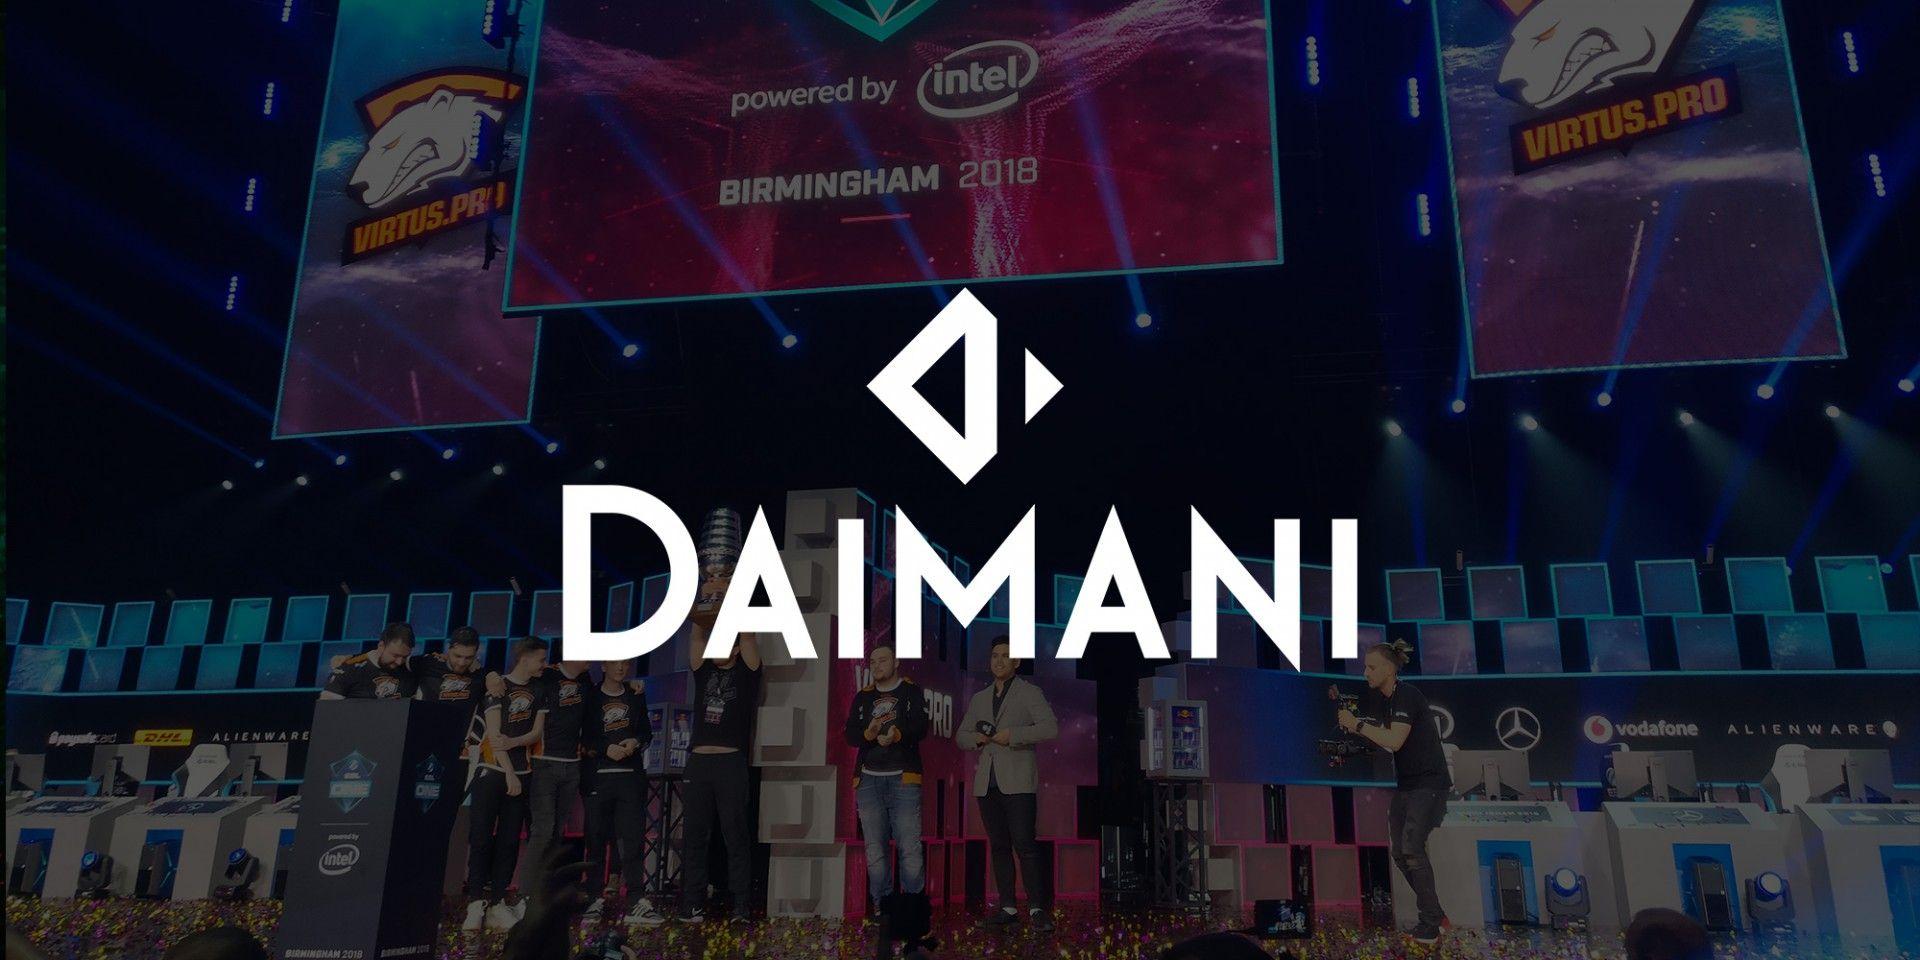 ESports Insider publishes article on DAIMANI and ESL partnership